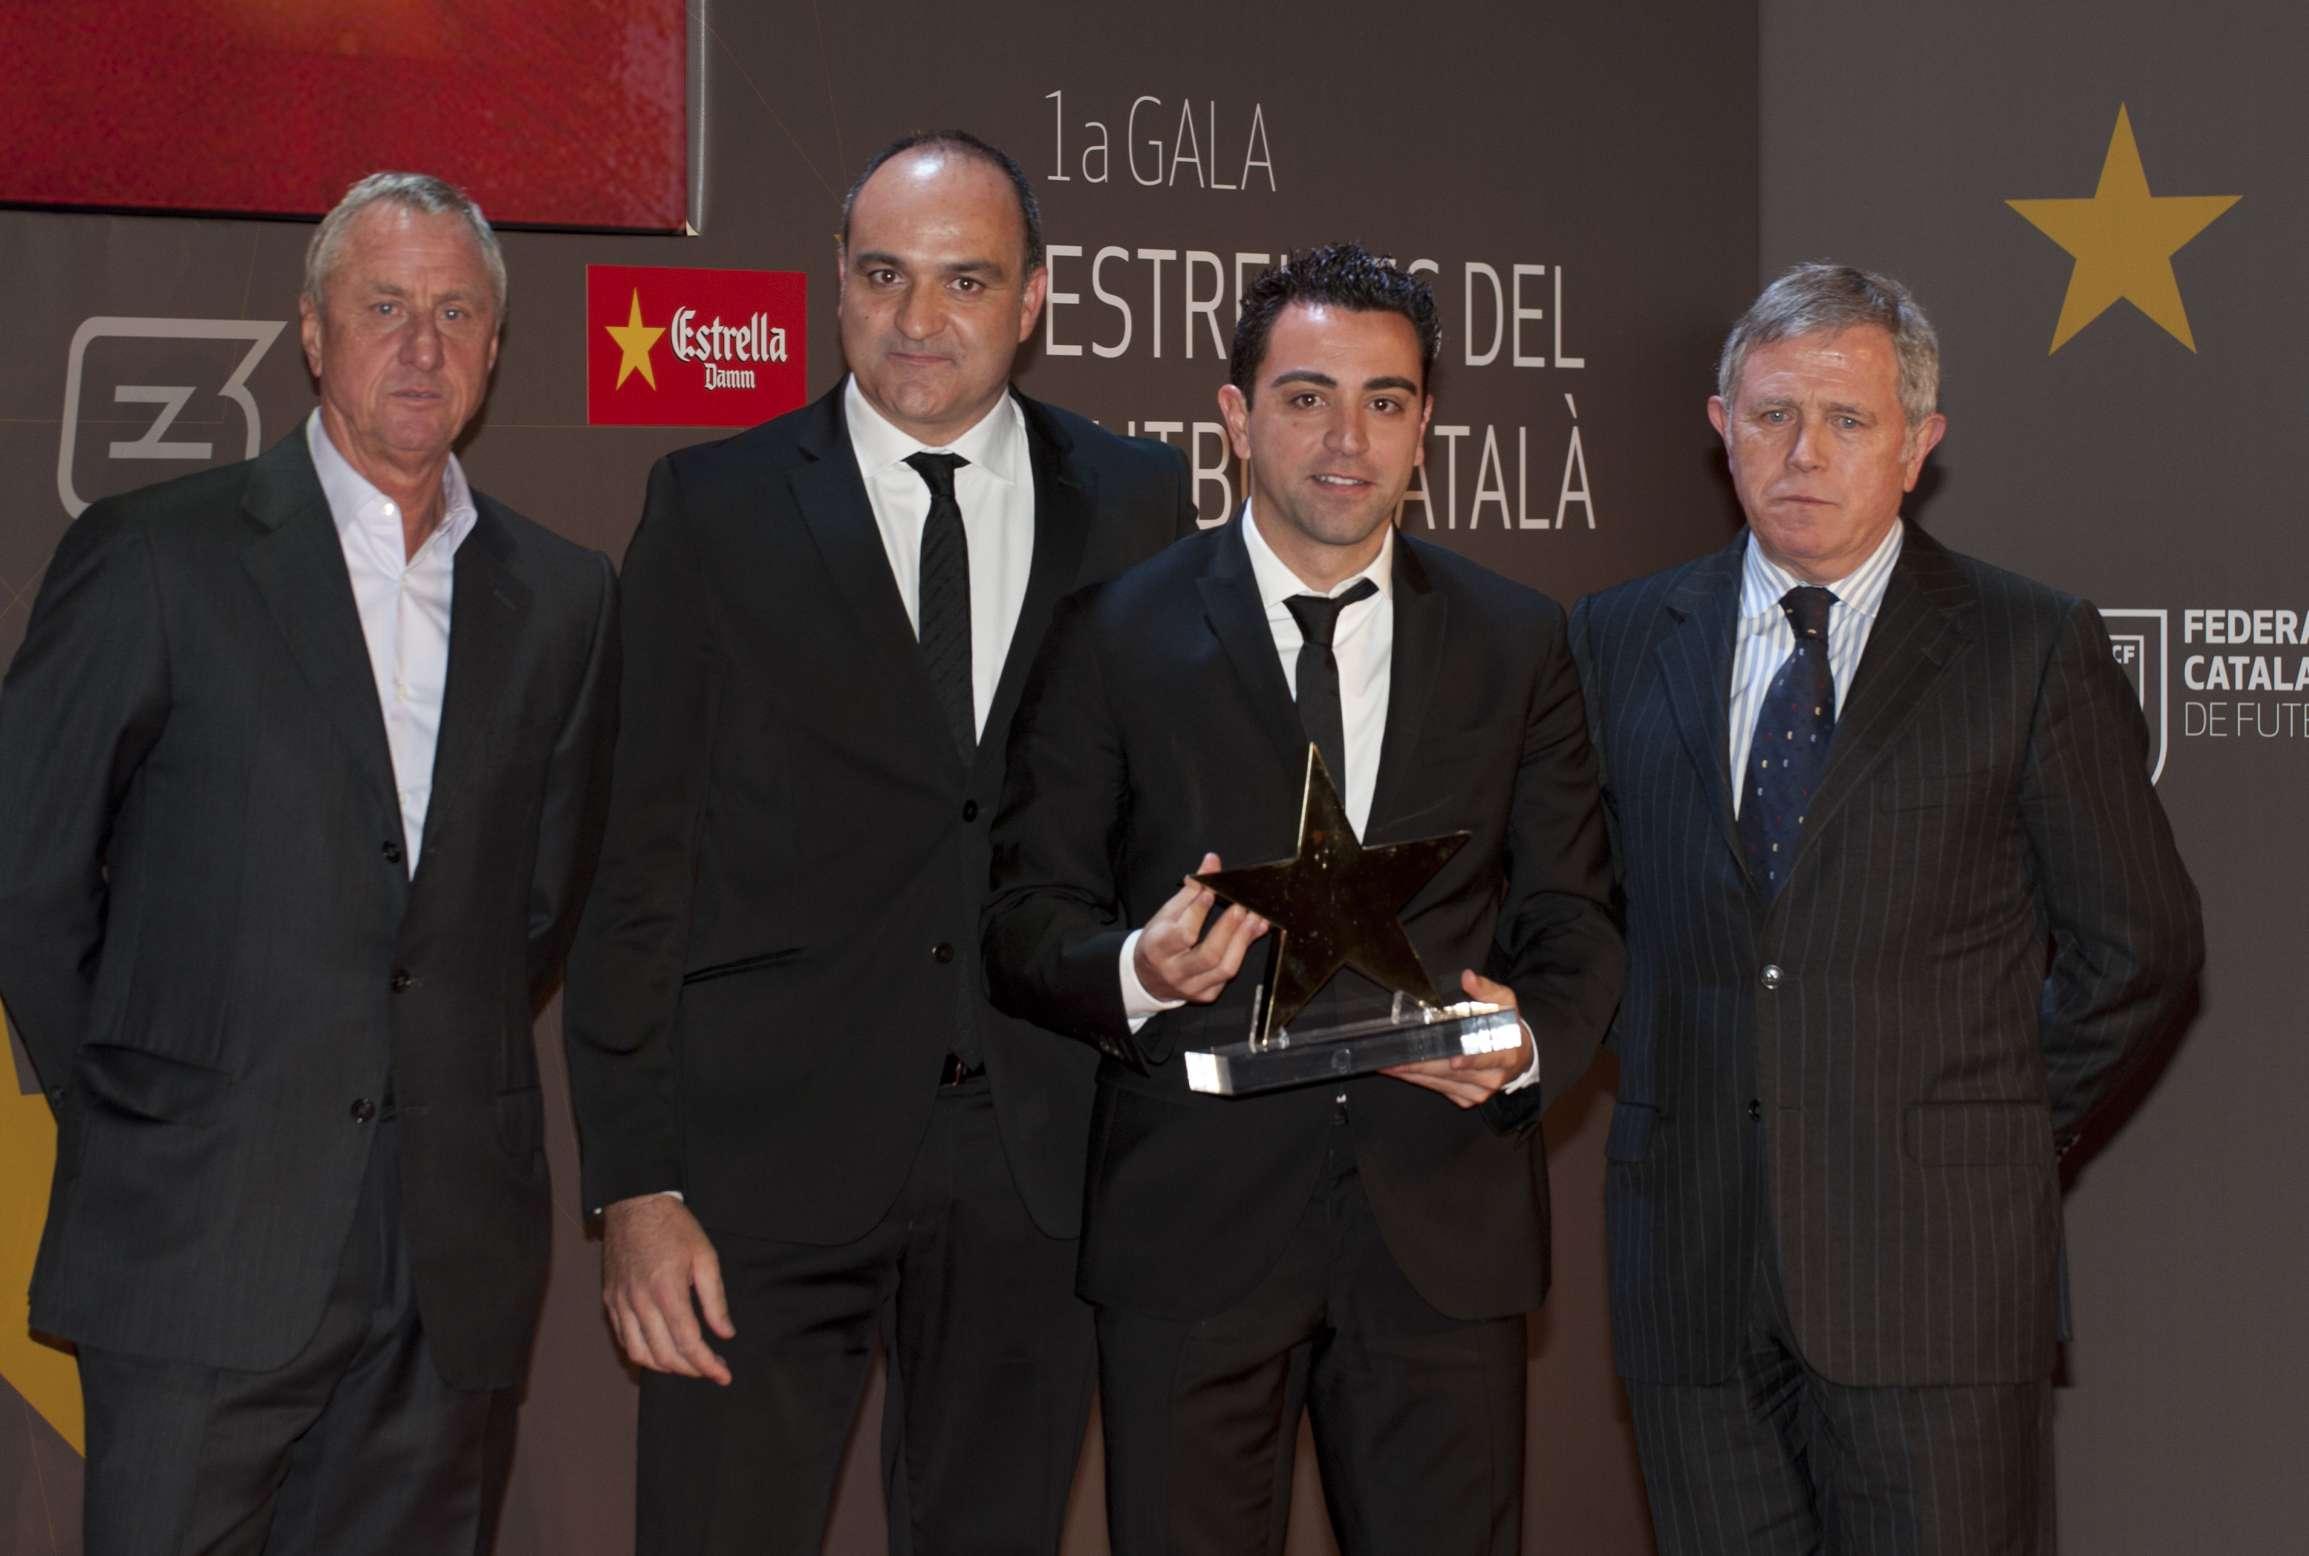 Xavi Hernández, guardonat com a millor jugador català de la 1a Gala de les Estrelles